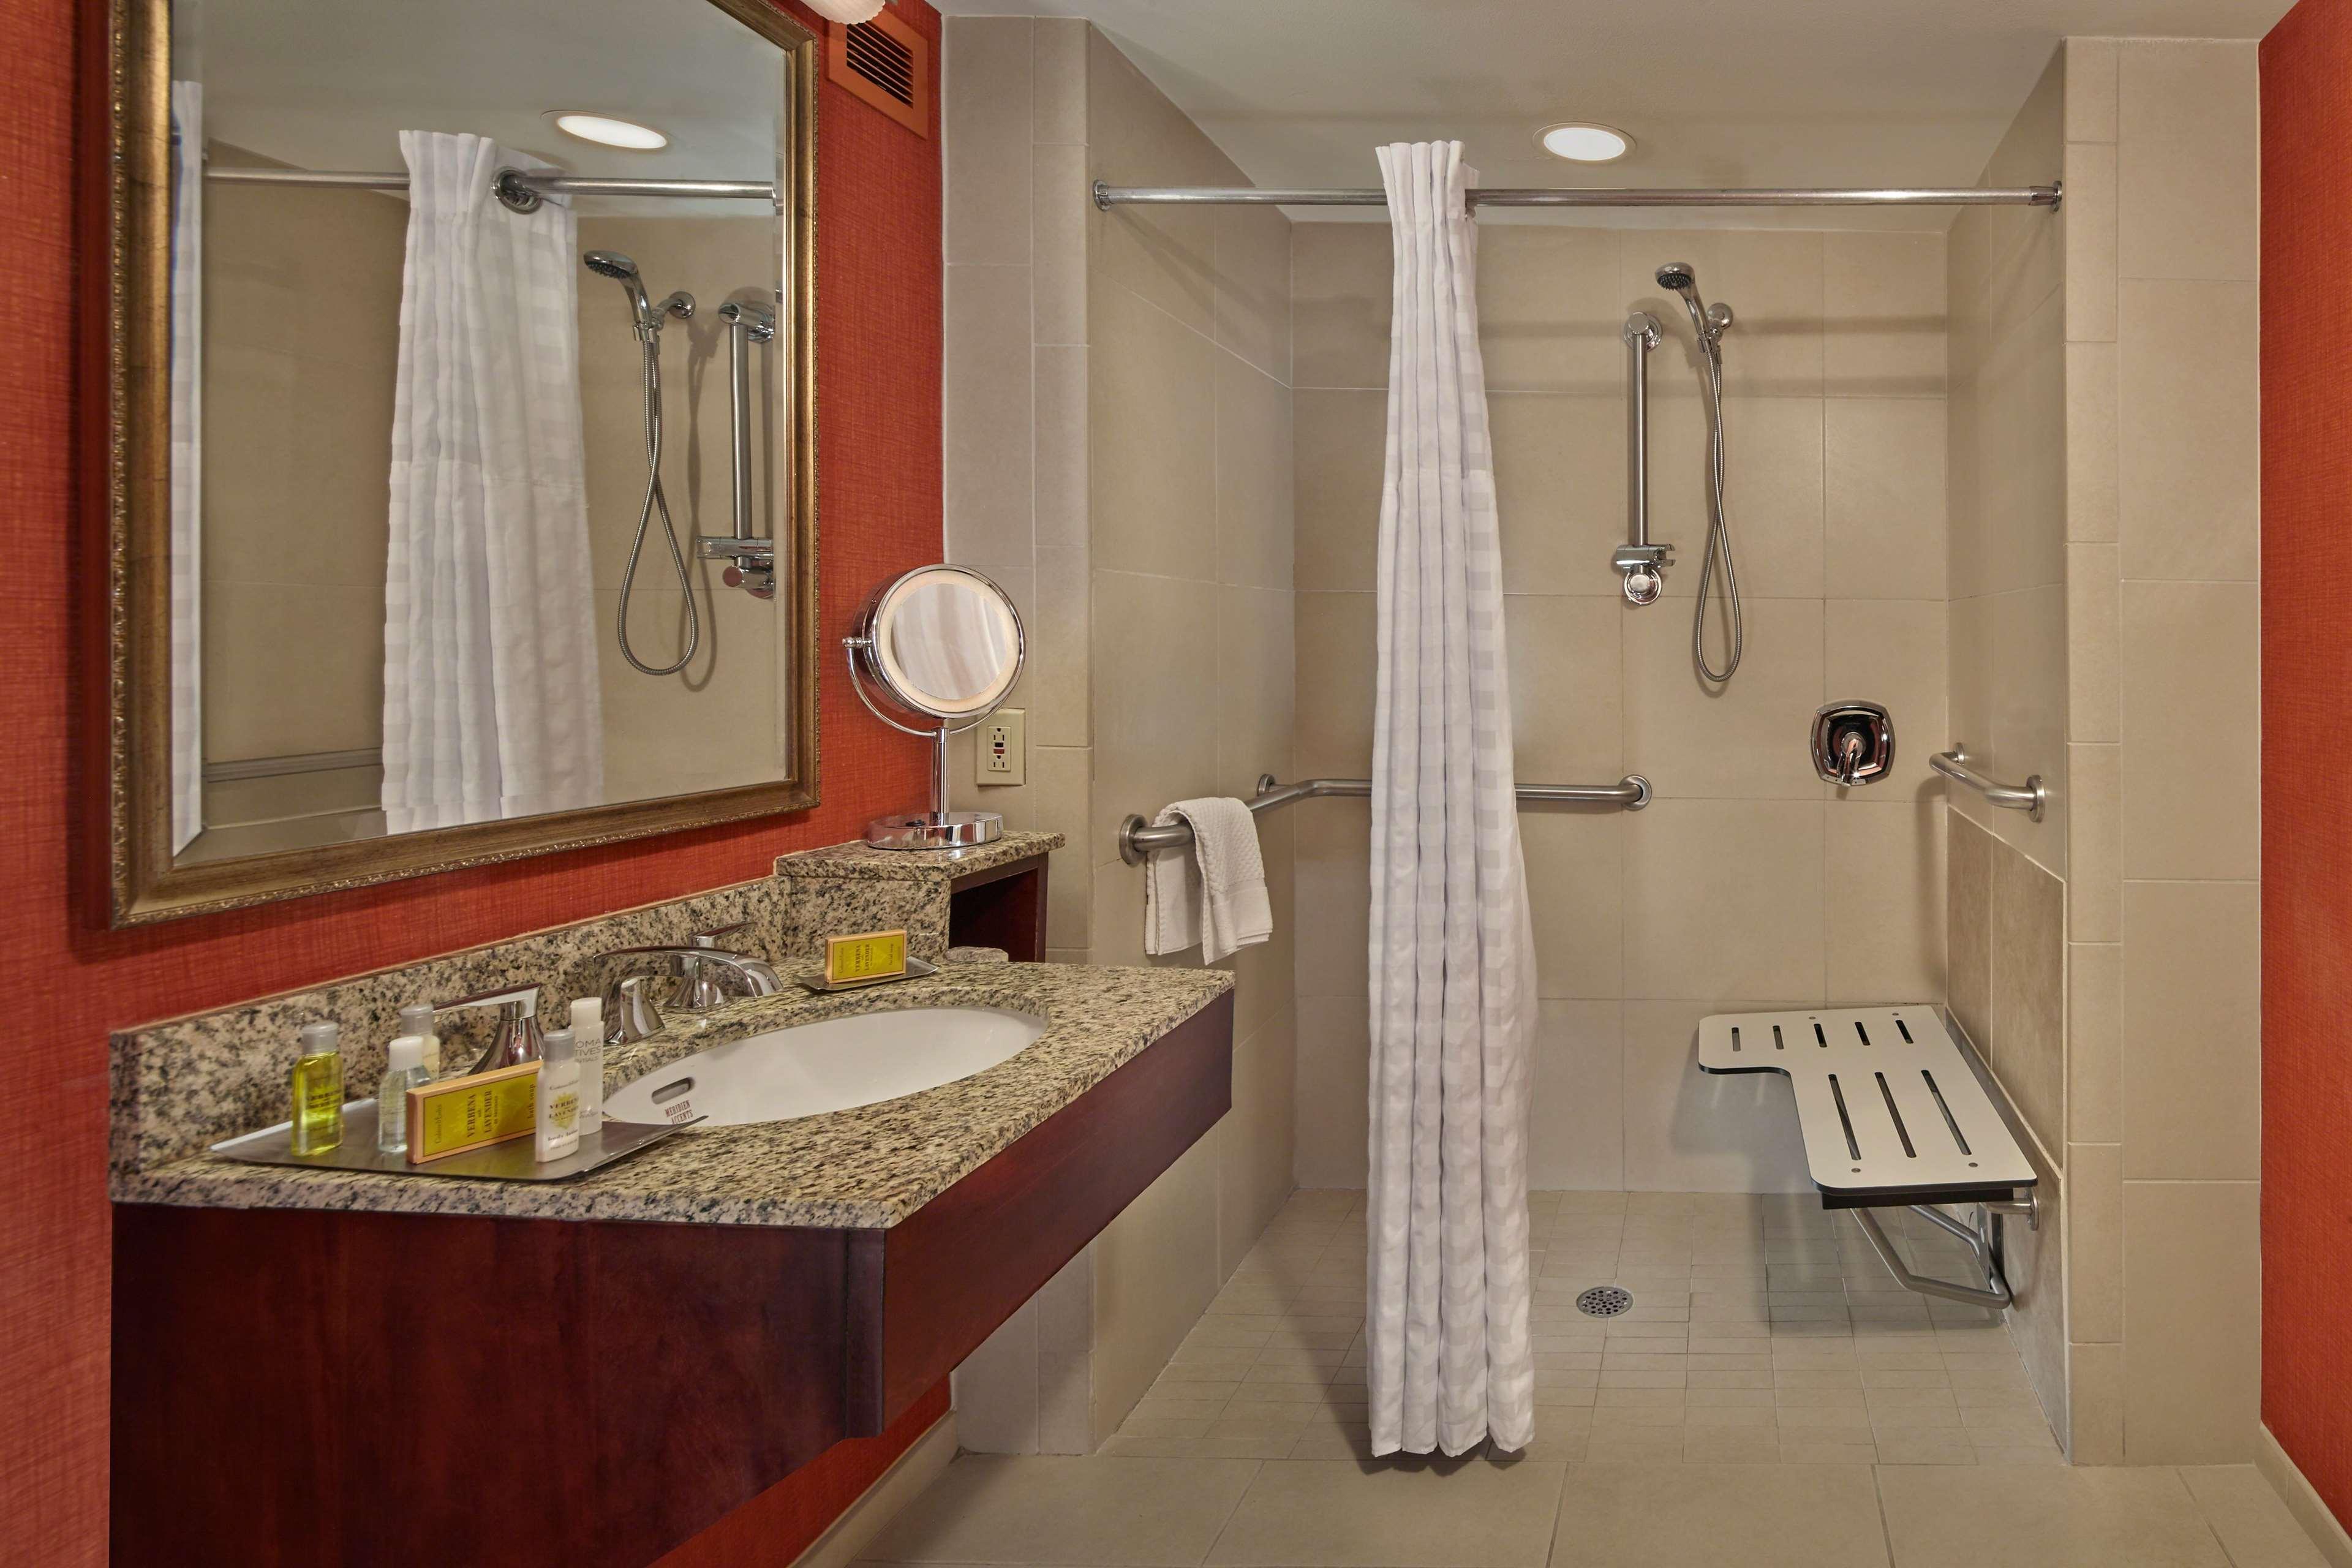 DoubleTree by Hilton Hotel Little Rock image 15